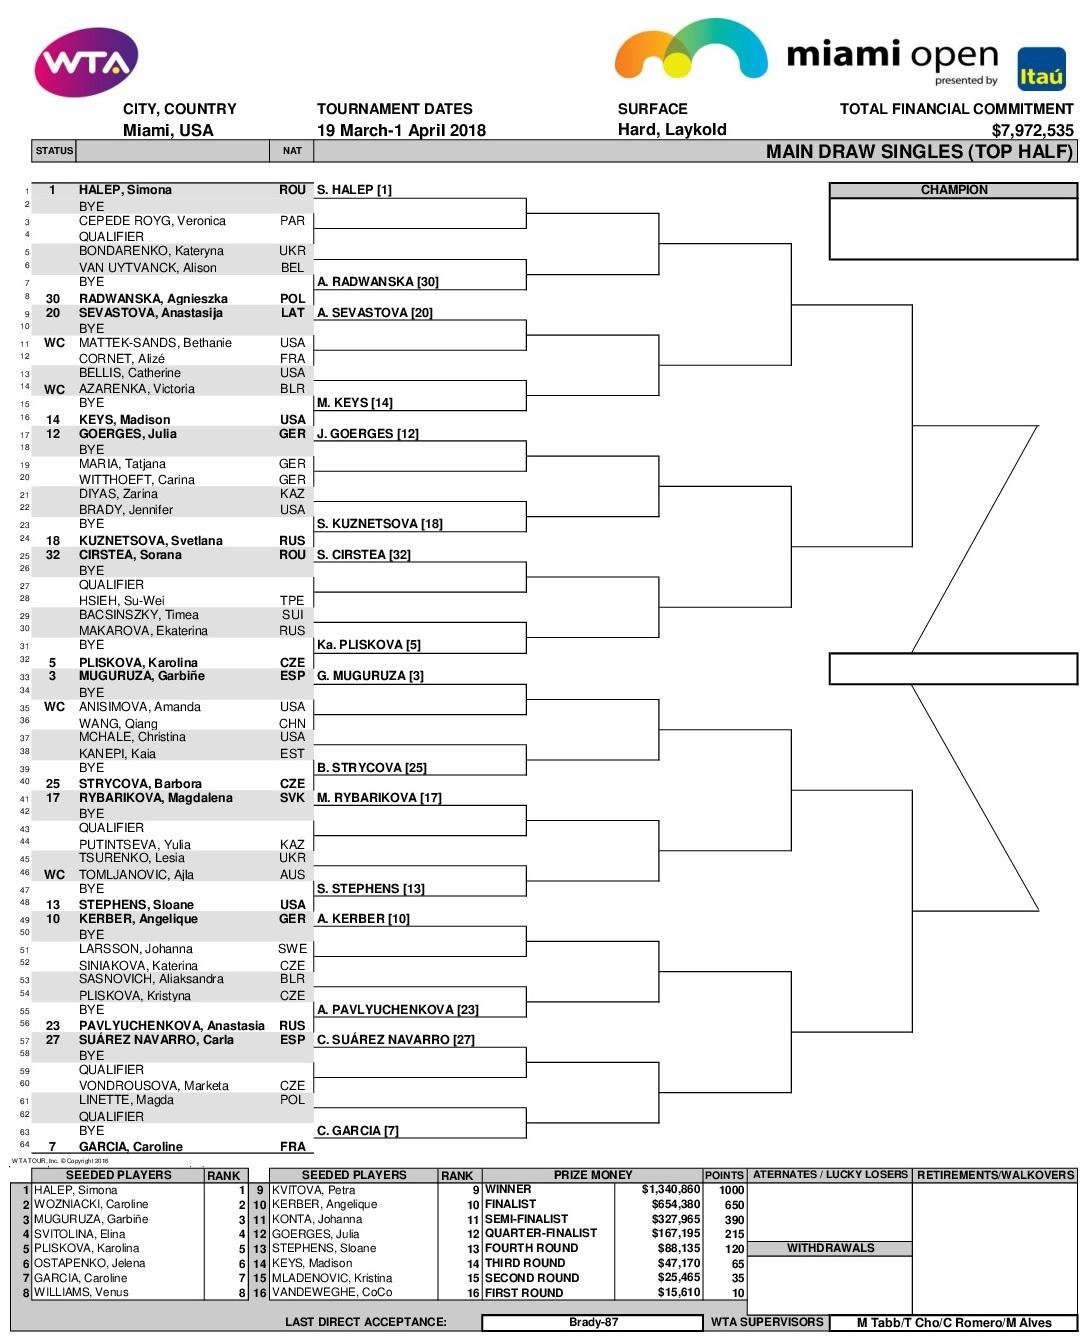 女子マイアミオープン2018ドロー(トーナメント表)トップハーフ